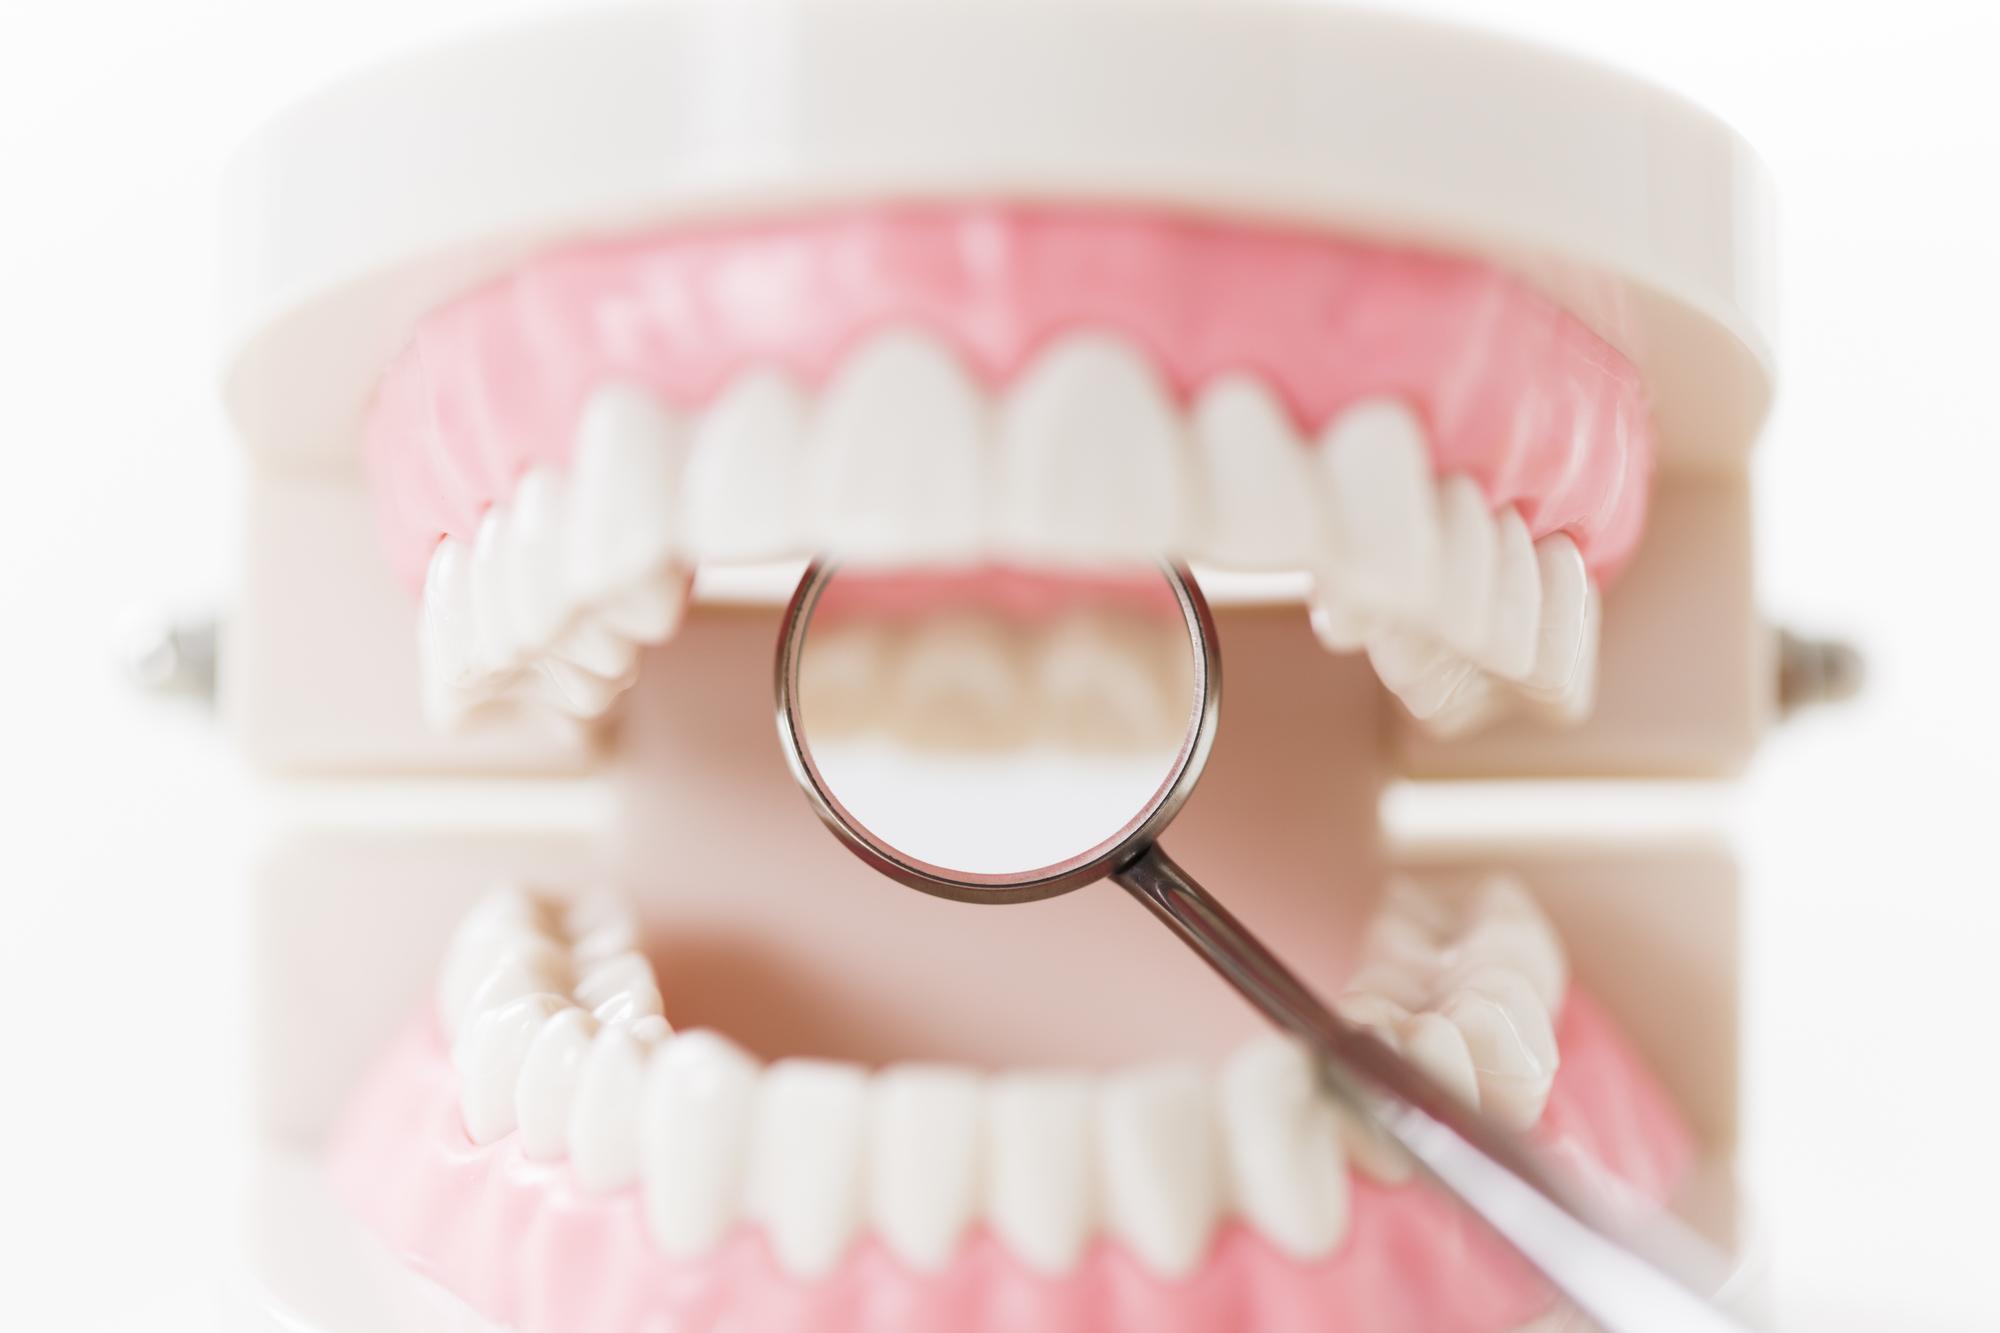 快適に入れ歯を使って頂くために